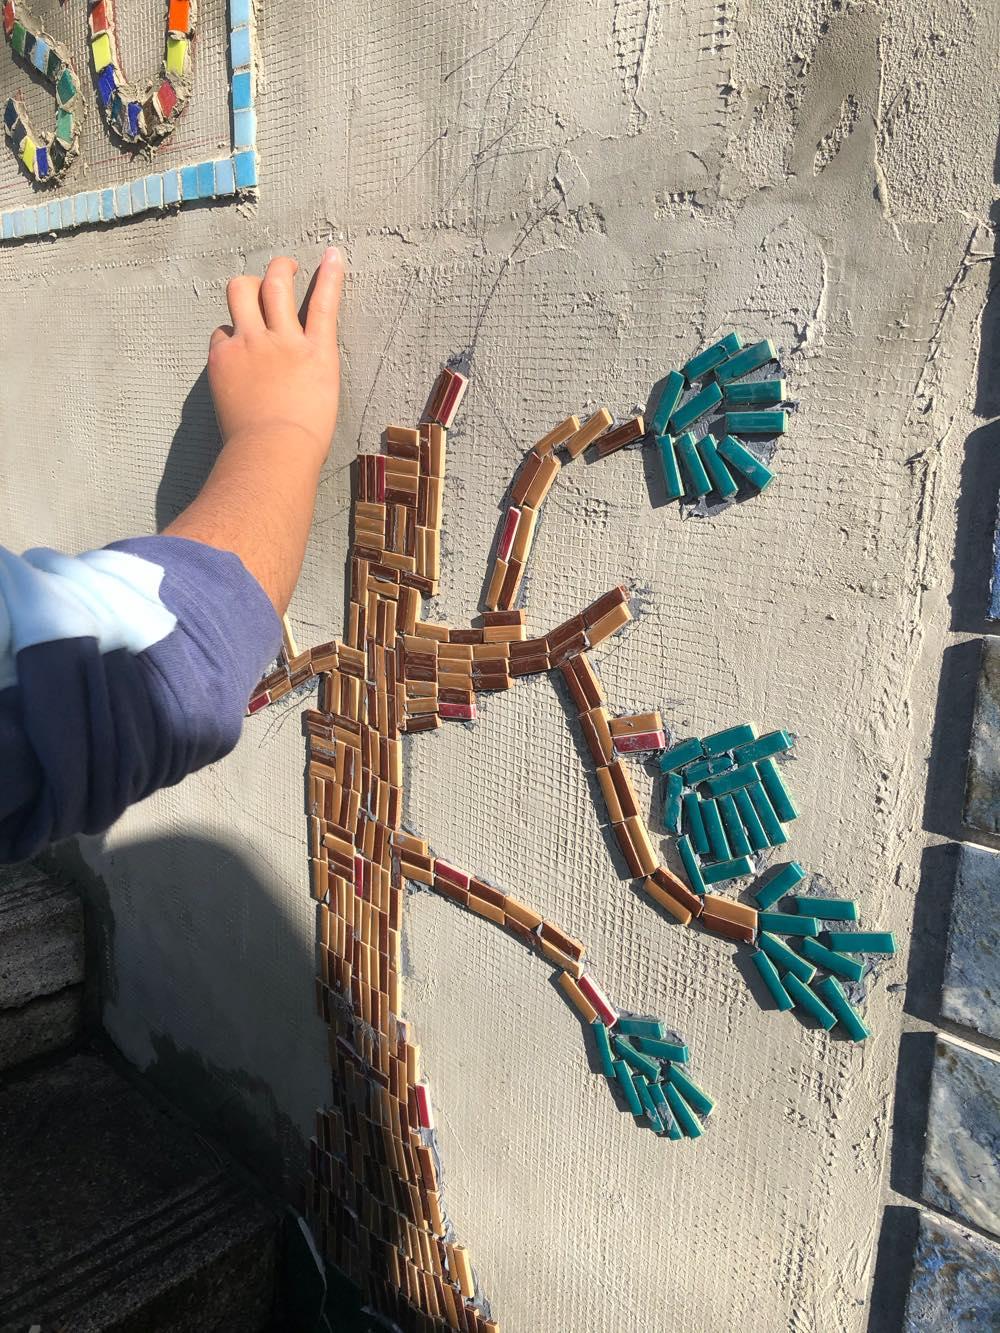 全校児童 共創制作 周年記念行事 モザイクアート壁画